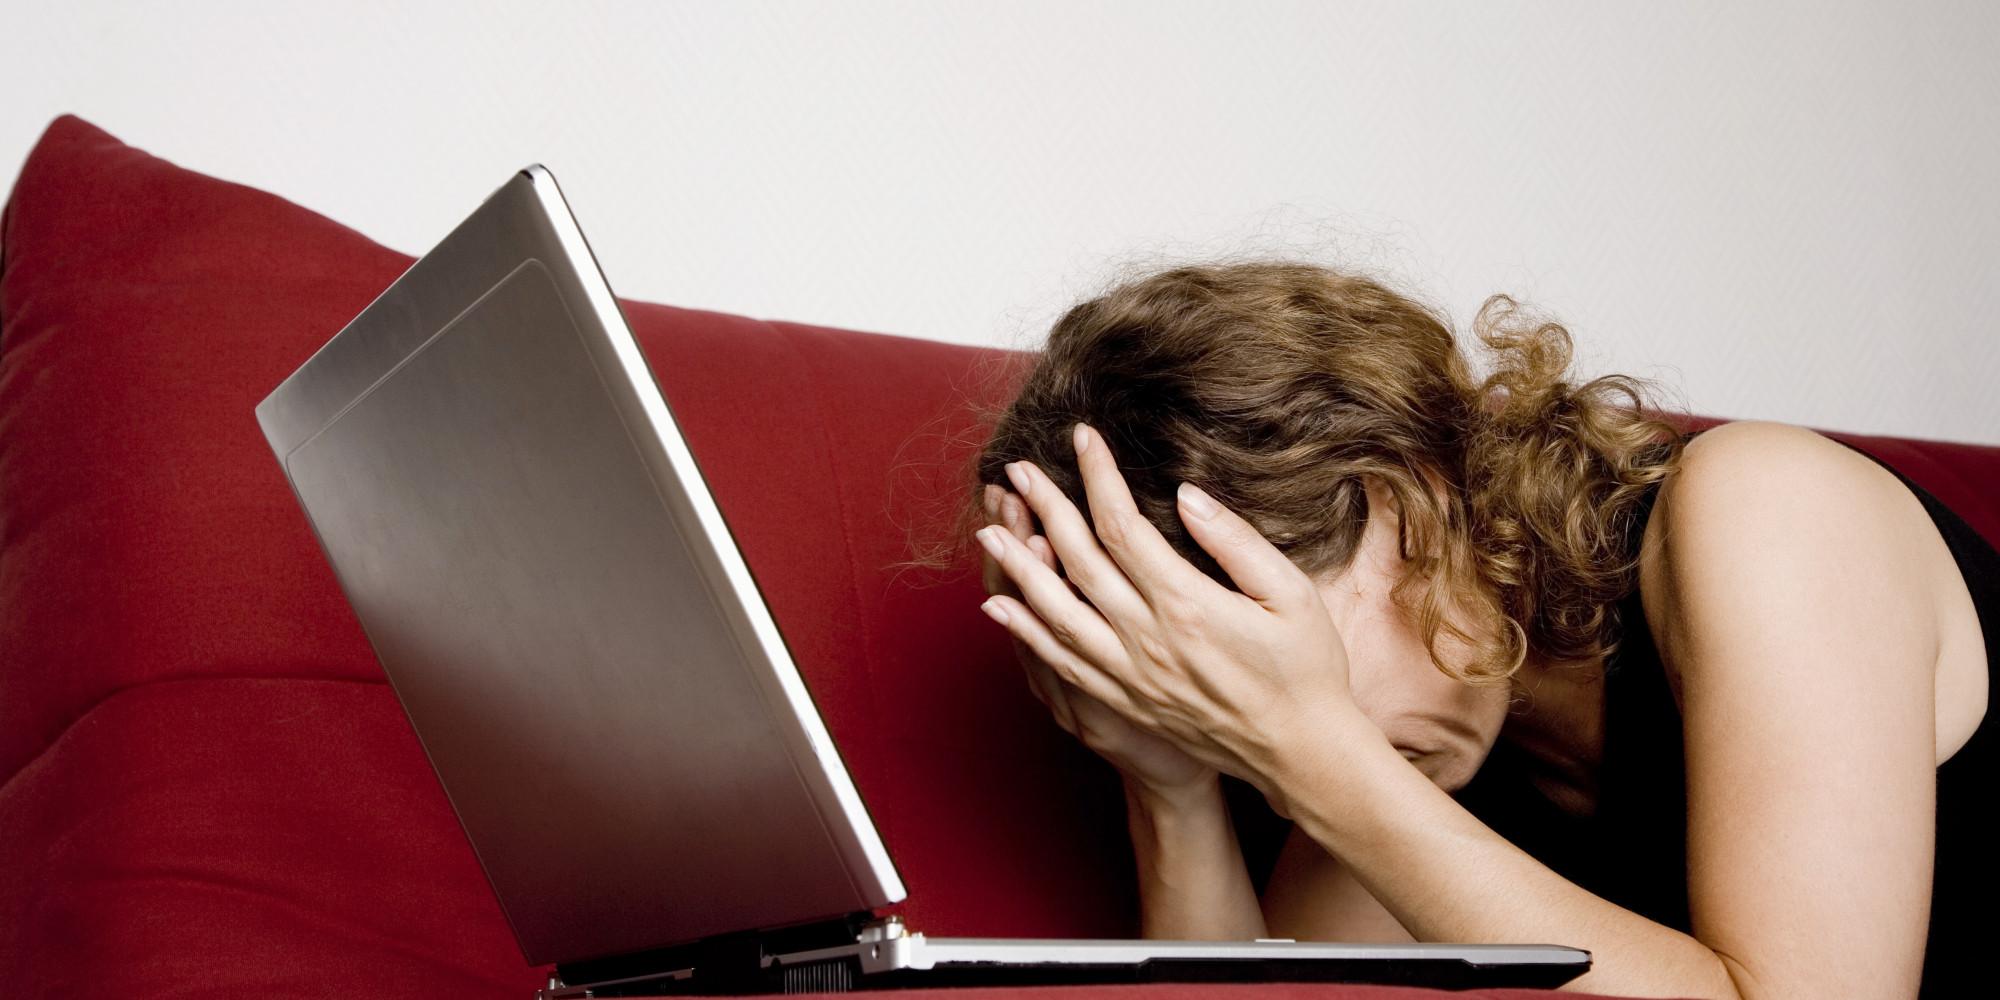 obshenie-po-internetu-seksualno